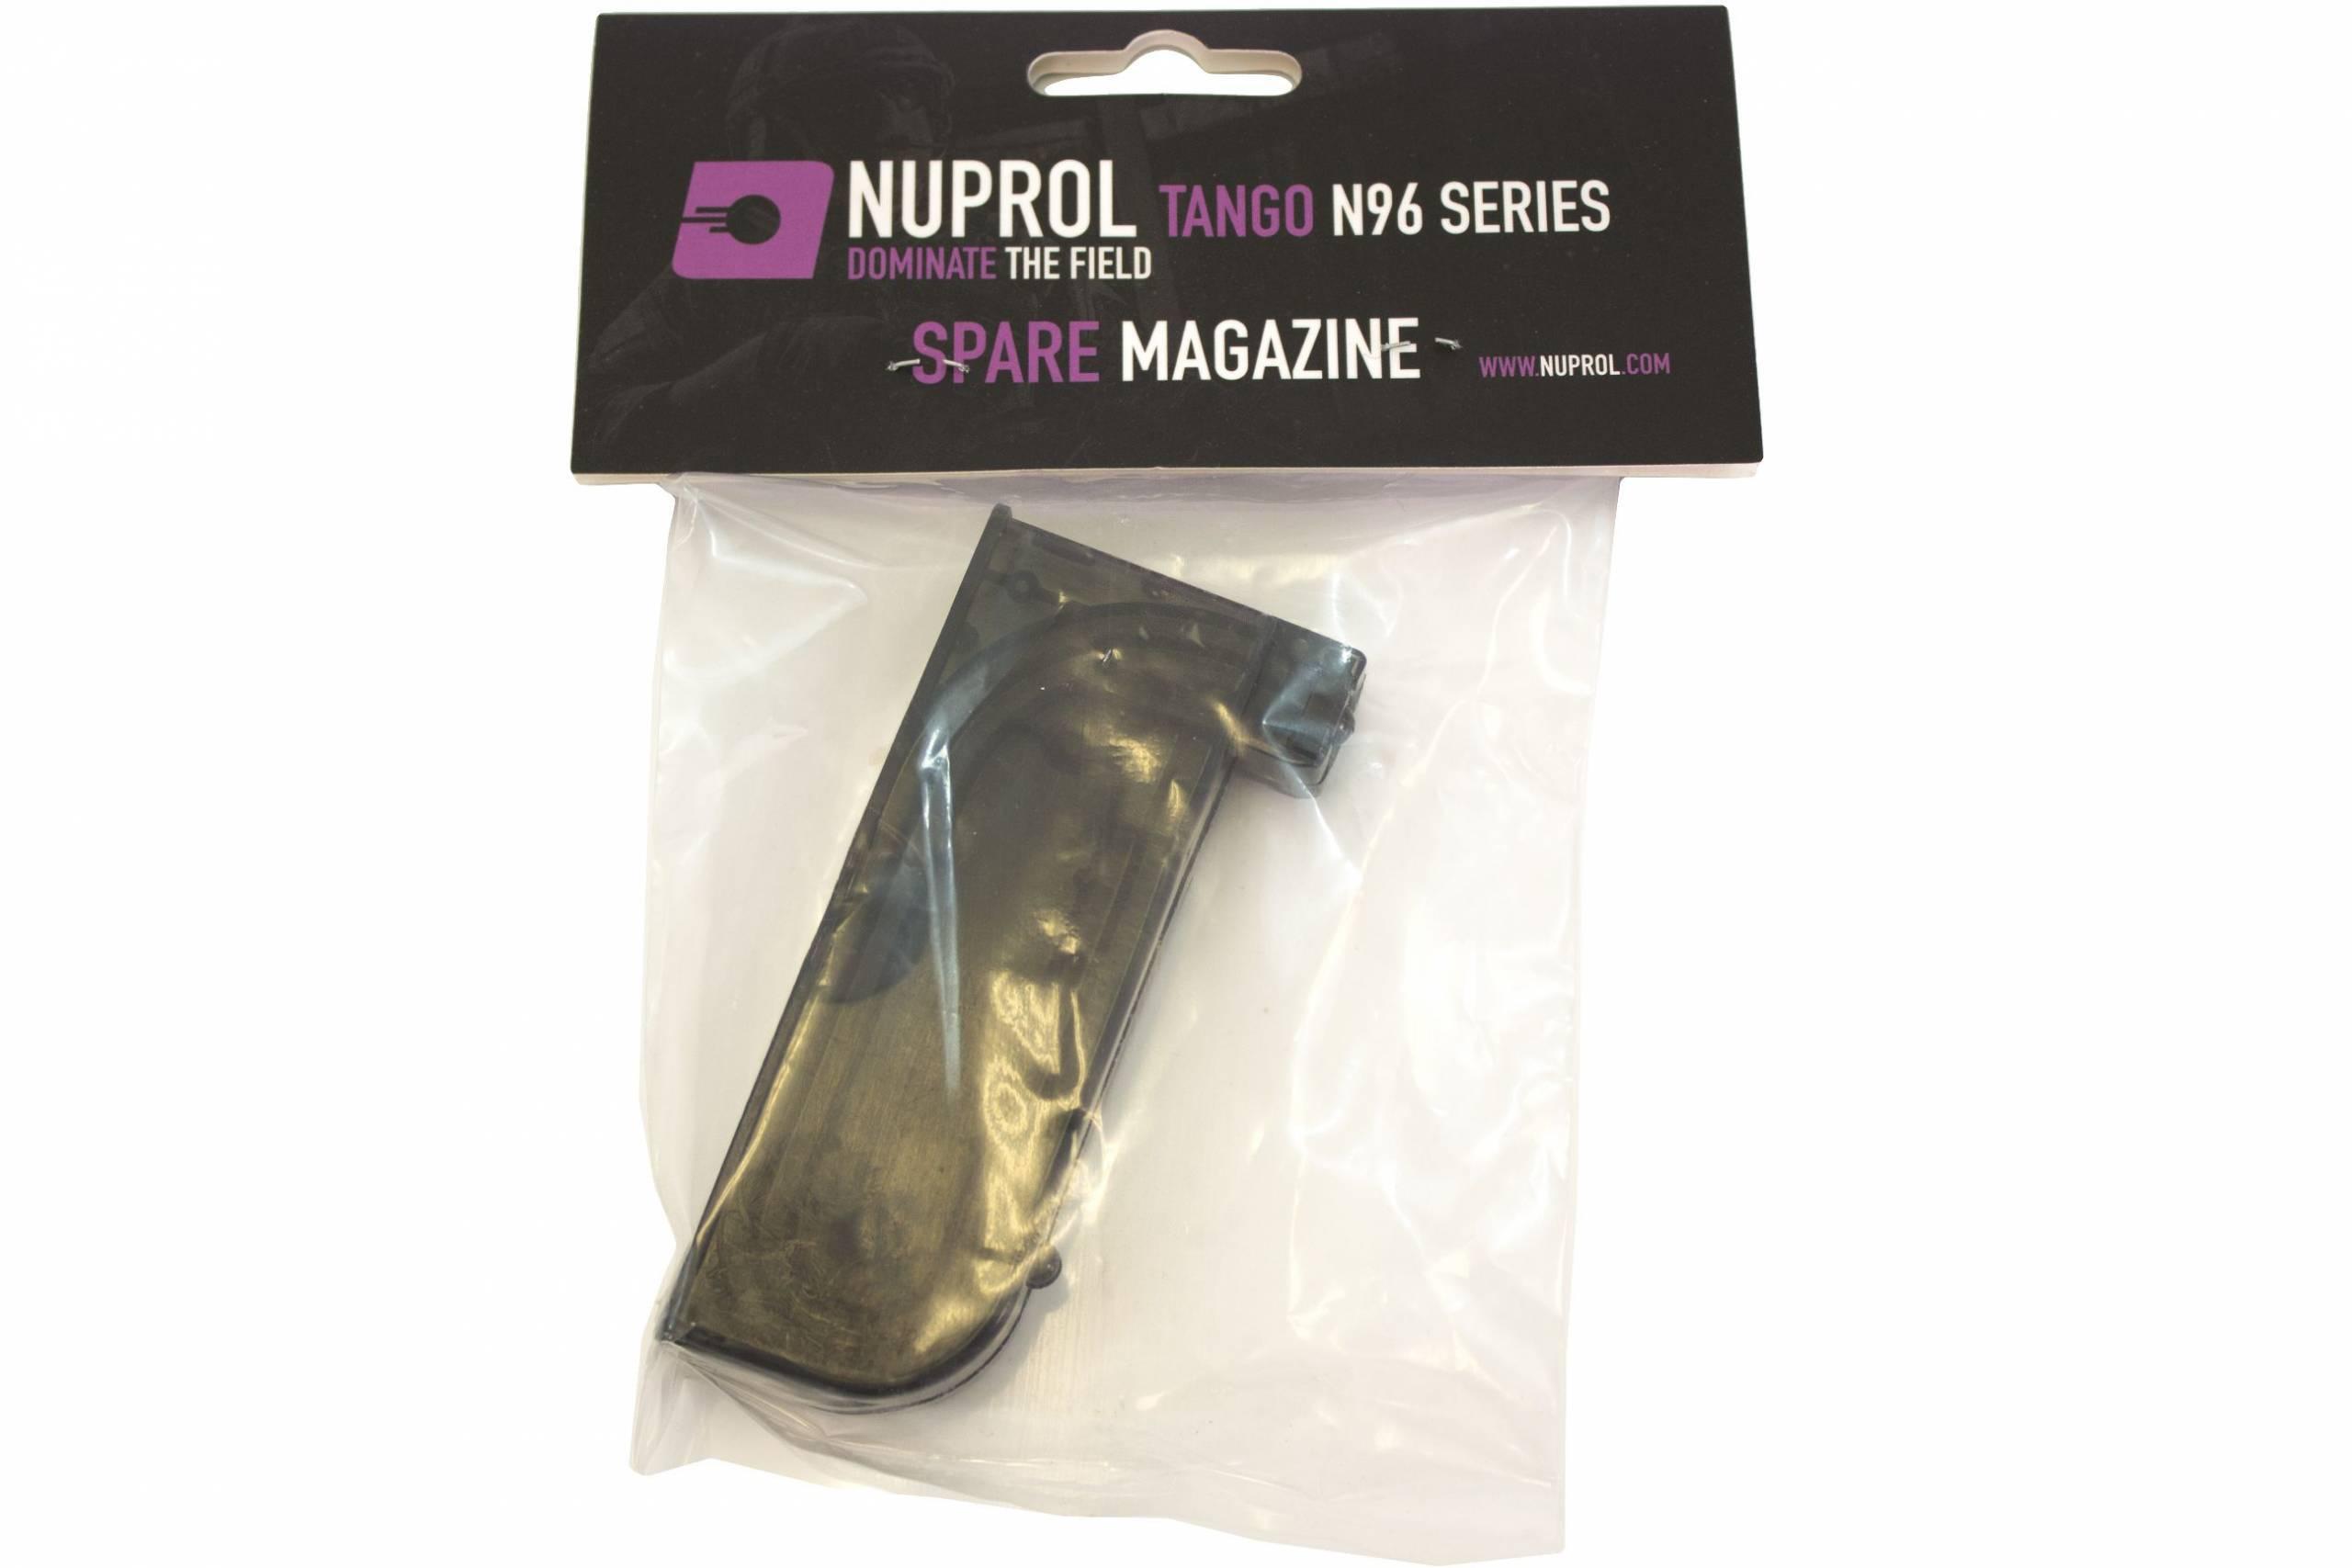 NUPROL N96 MAGAZINE product image